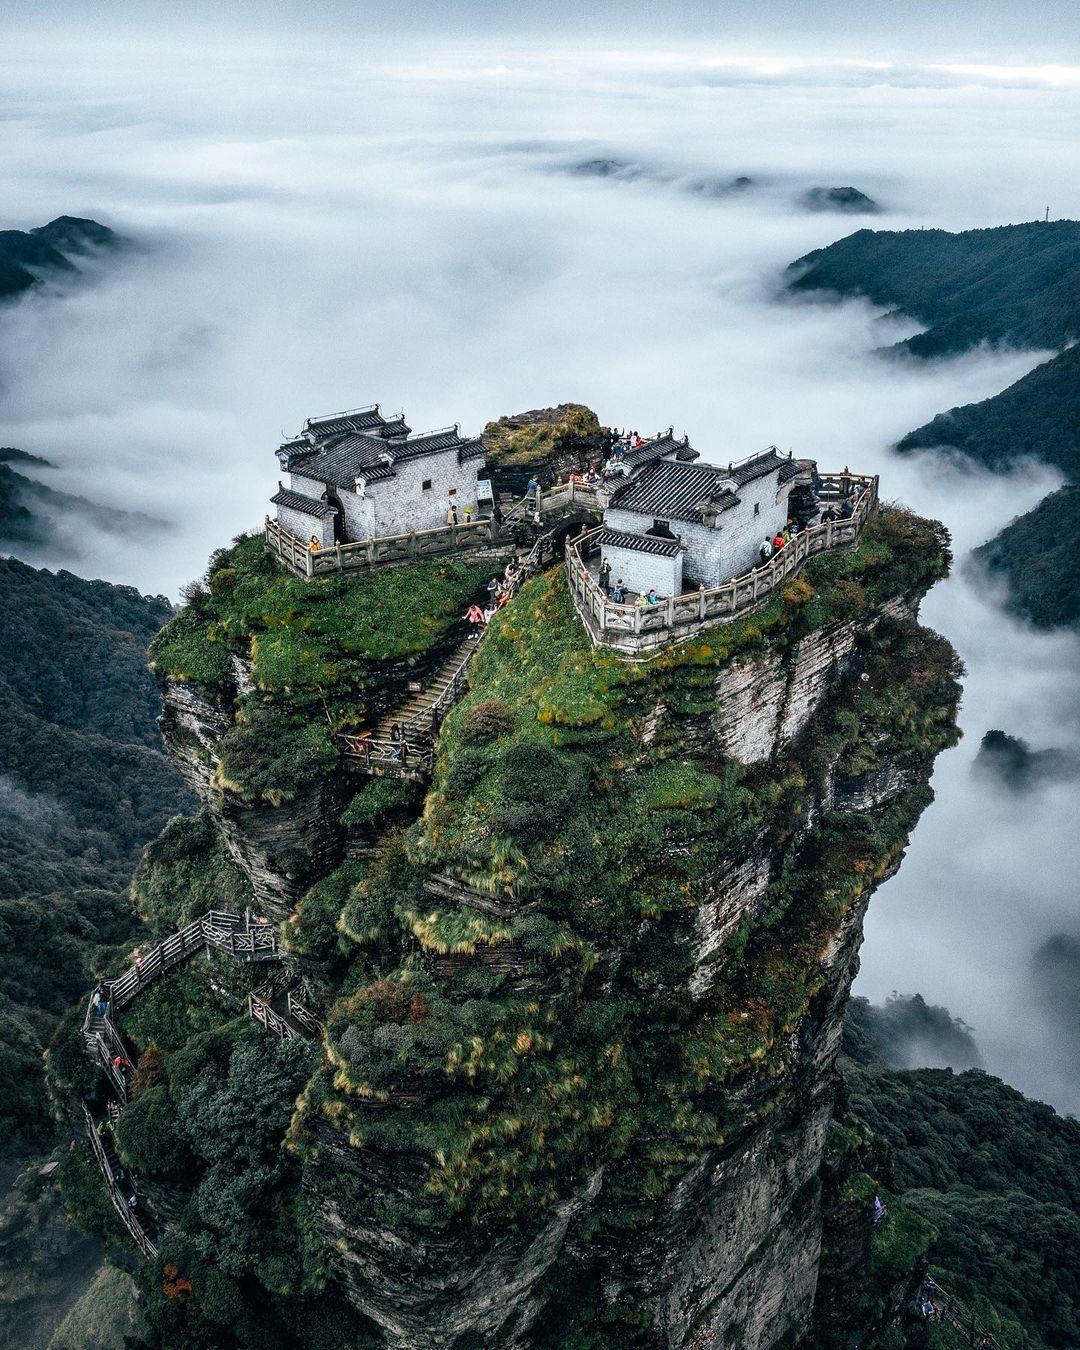 Ngôi chùa nằm trong khu bảo tồn thiên nhiên Phạm Tịnh, nơi được UNESCO công nhận khu dự trữ sinh quyển thế giới vào năm 1986 và di sản thế giới vào năm 2018. Nó còn được xem là ngọn núi thiêng trong Phật giáo Trung Quốc, đồng thời là đạo tràng của Đức Phật Di Lặc. Ảnh: Instagram youknowcyc